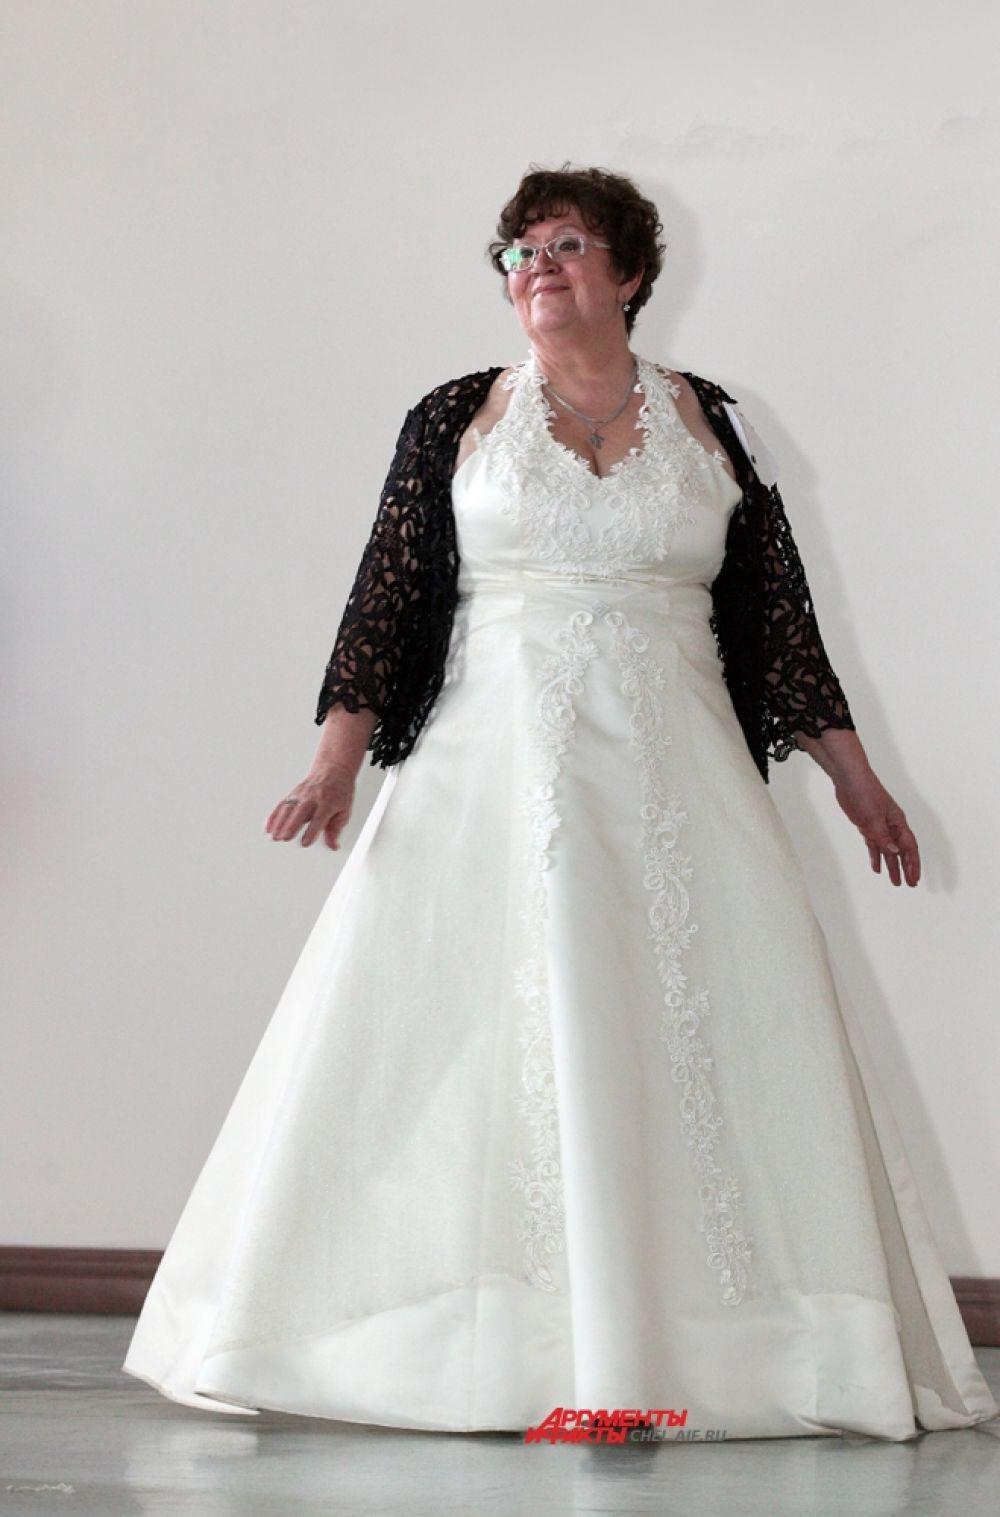 Дефиле конкурсанток в свадебных платьях.